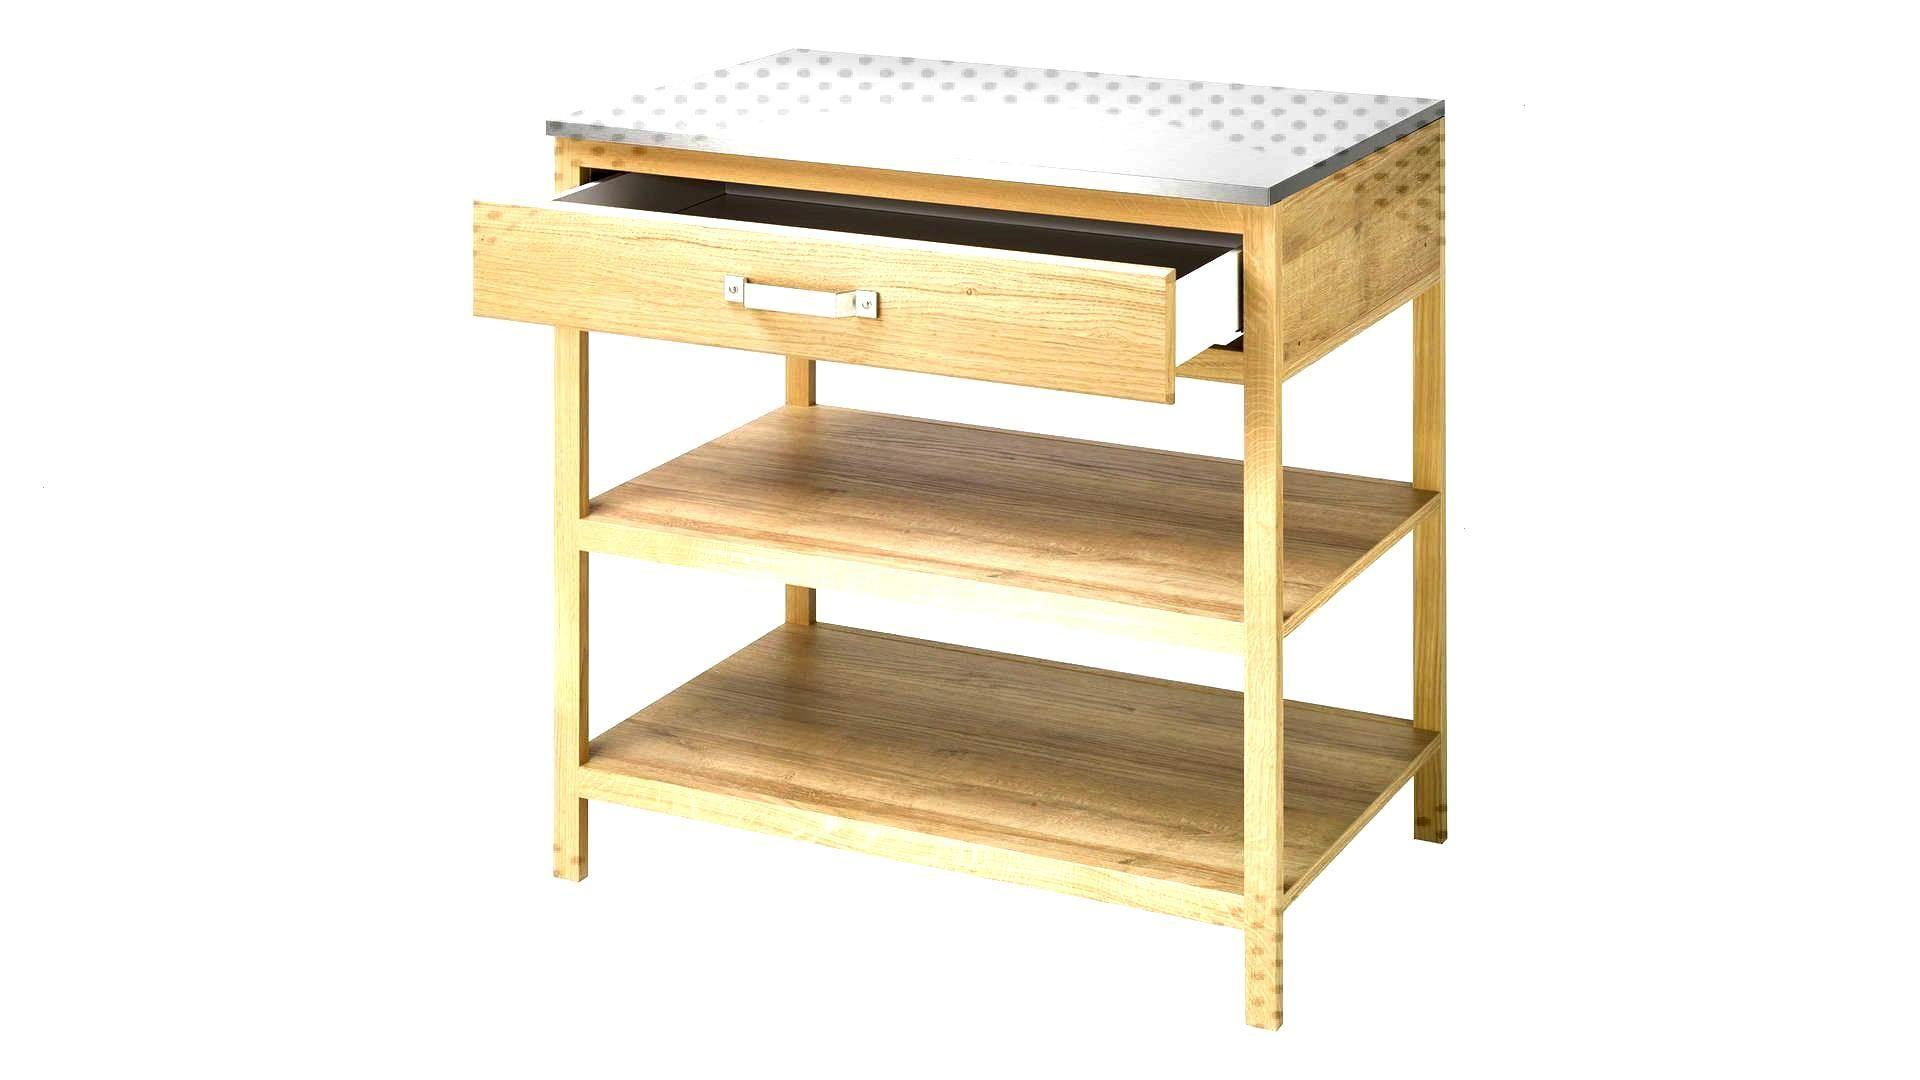 Cm633094 Meuble Bstro Bas 90 Cm Meuble Bas 90 Cm B Stromeuble Bas 90 Cm B Stromeuble Bas 90 Cm B Stro Home Decor Changing Table Furniture